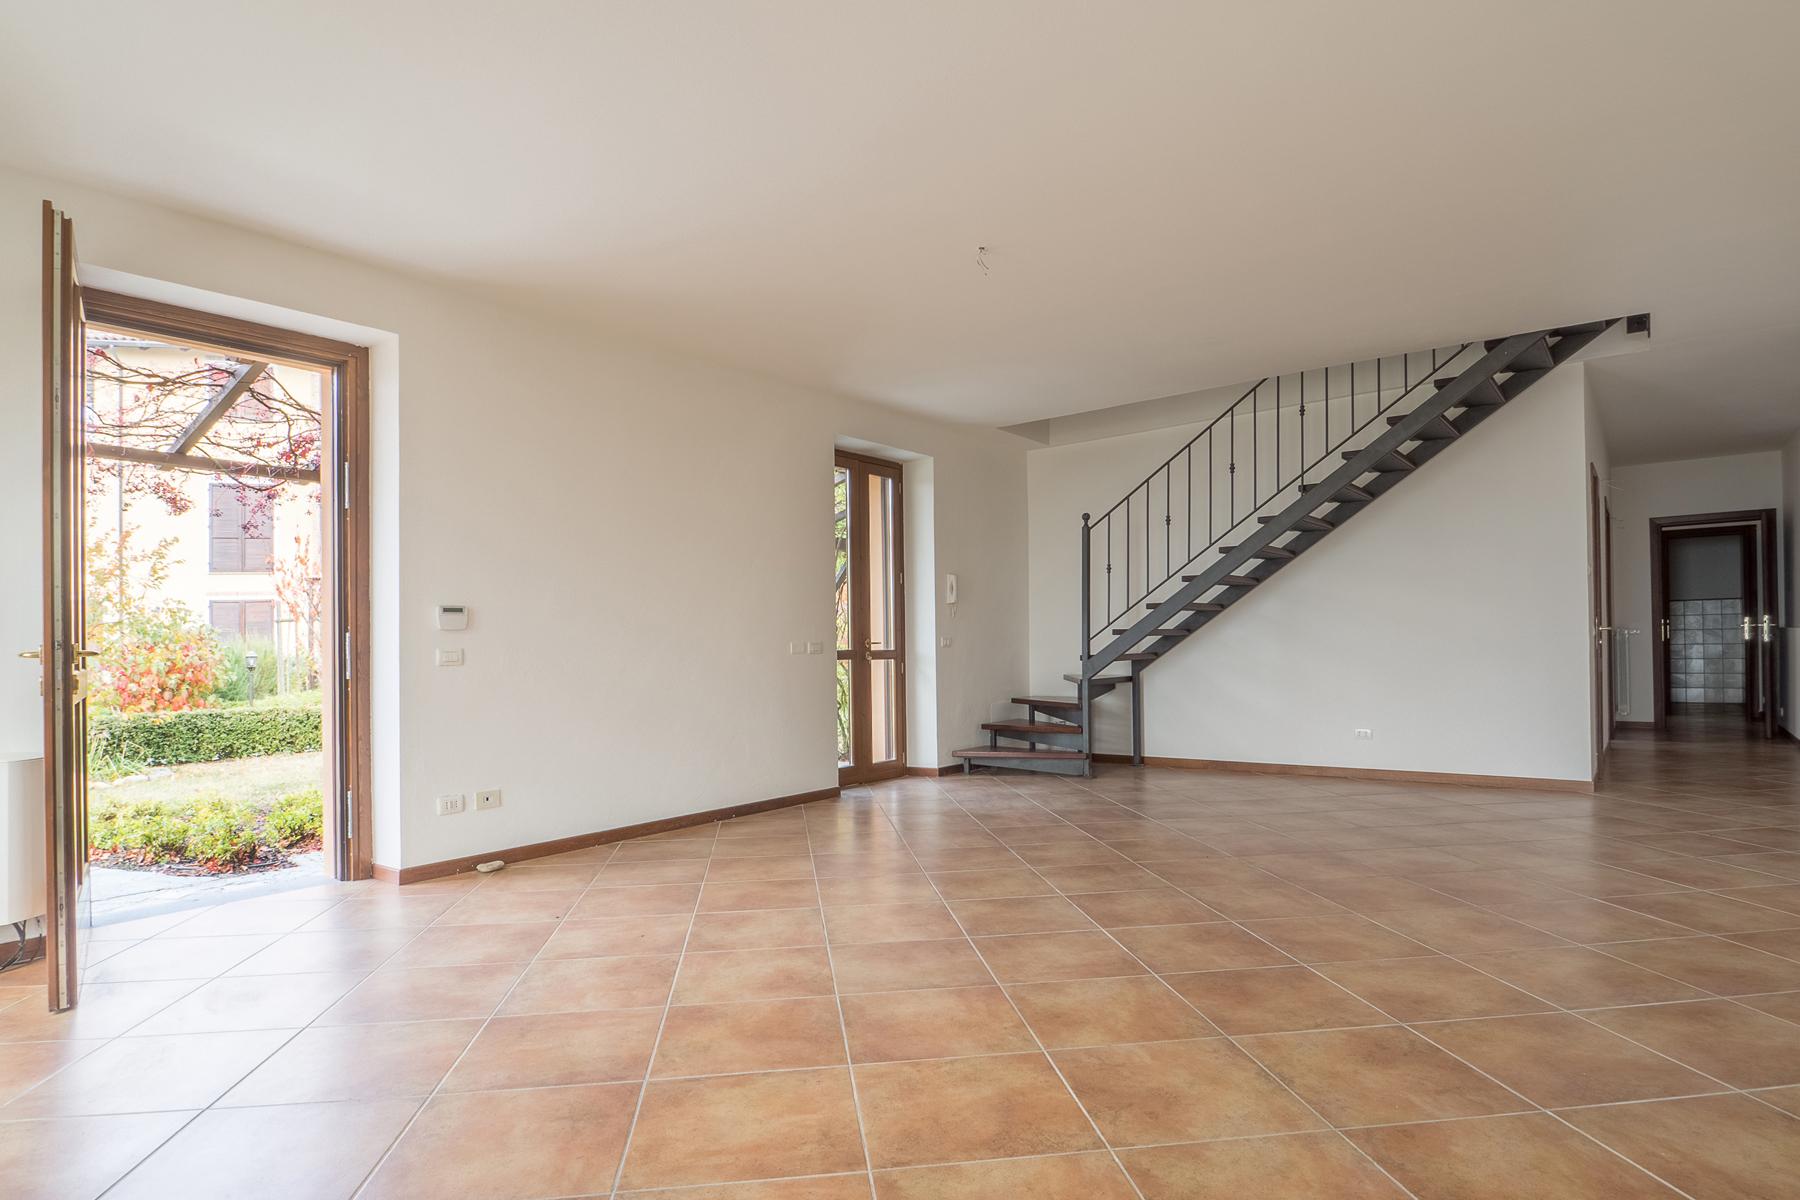 Appartamento in Vendita a Vignale Monferrato: 5 locali, 300 mq - Foto 4